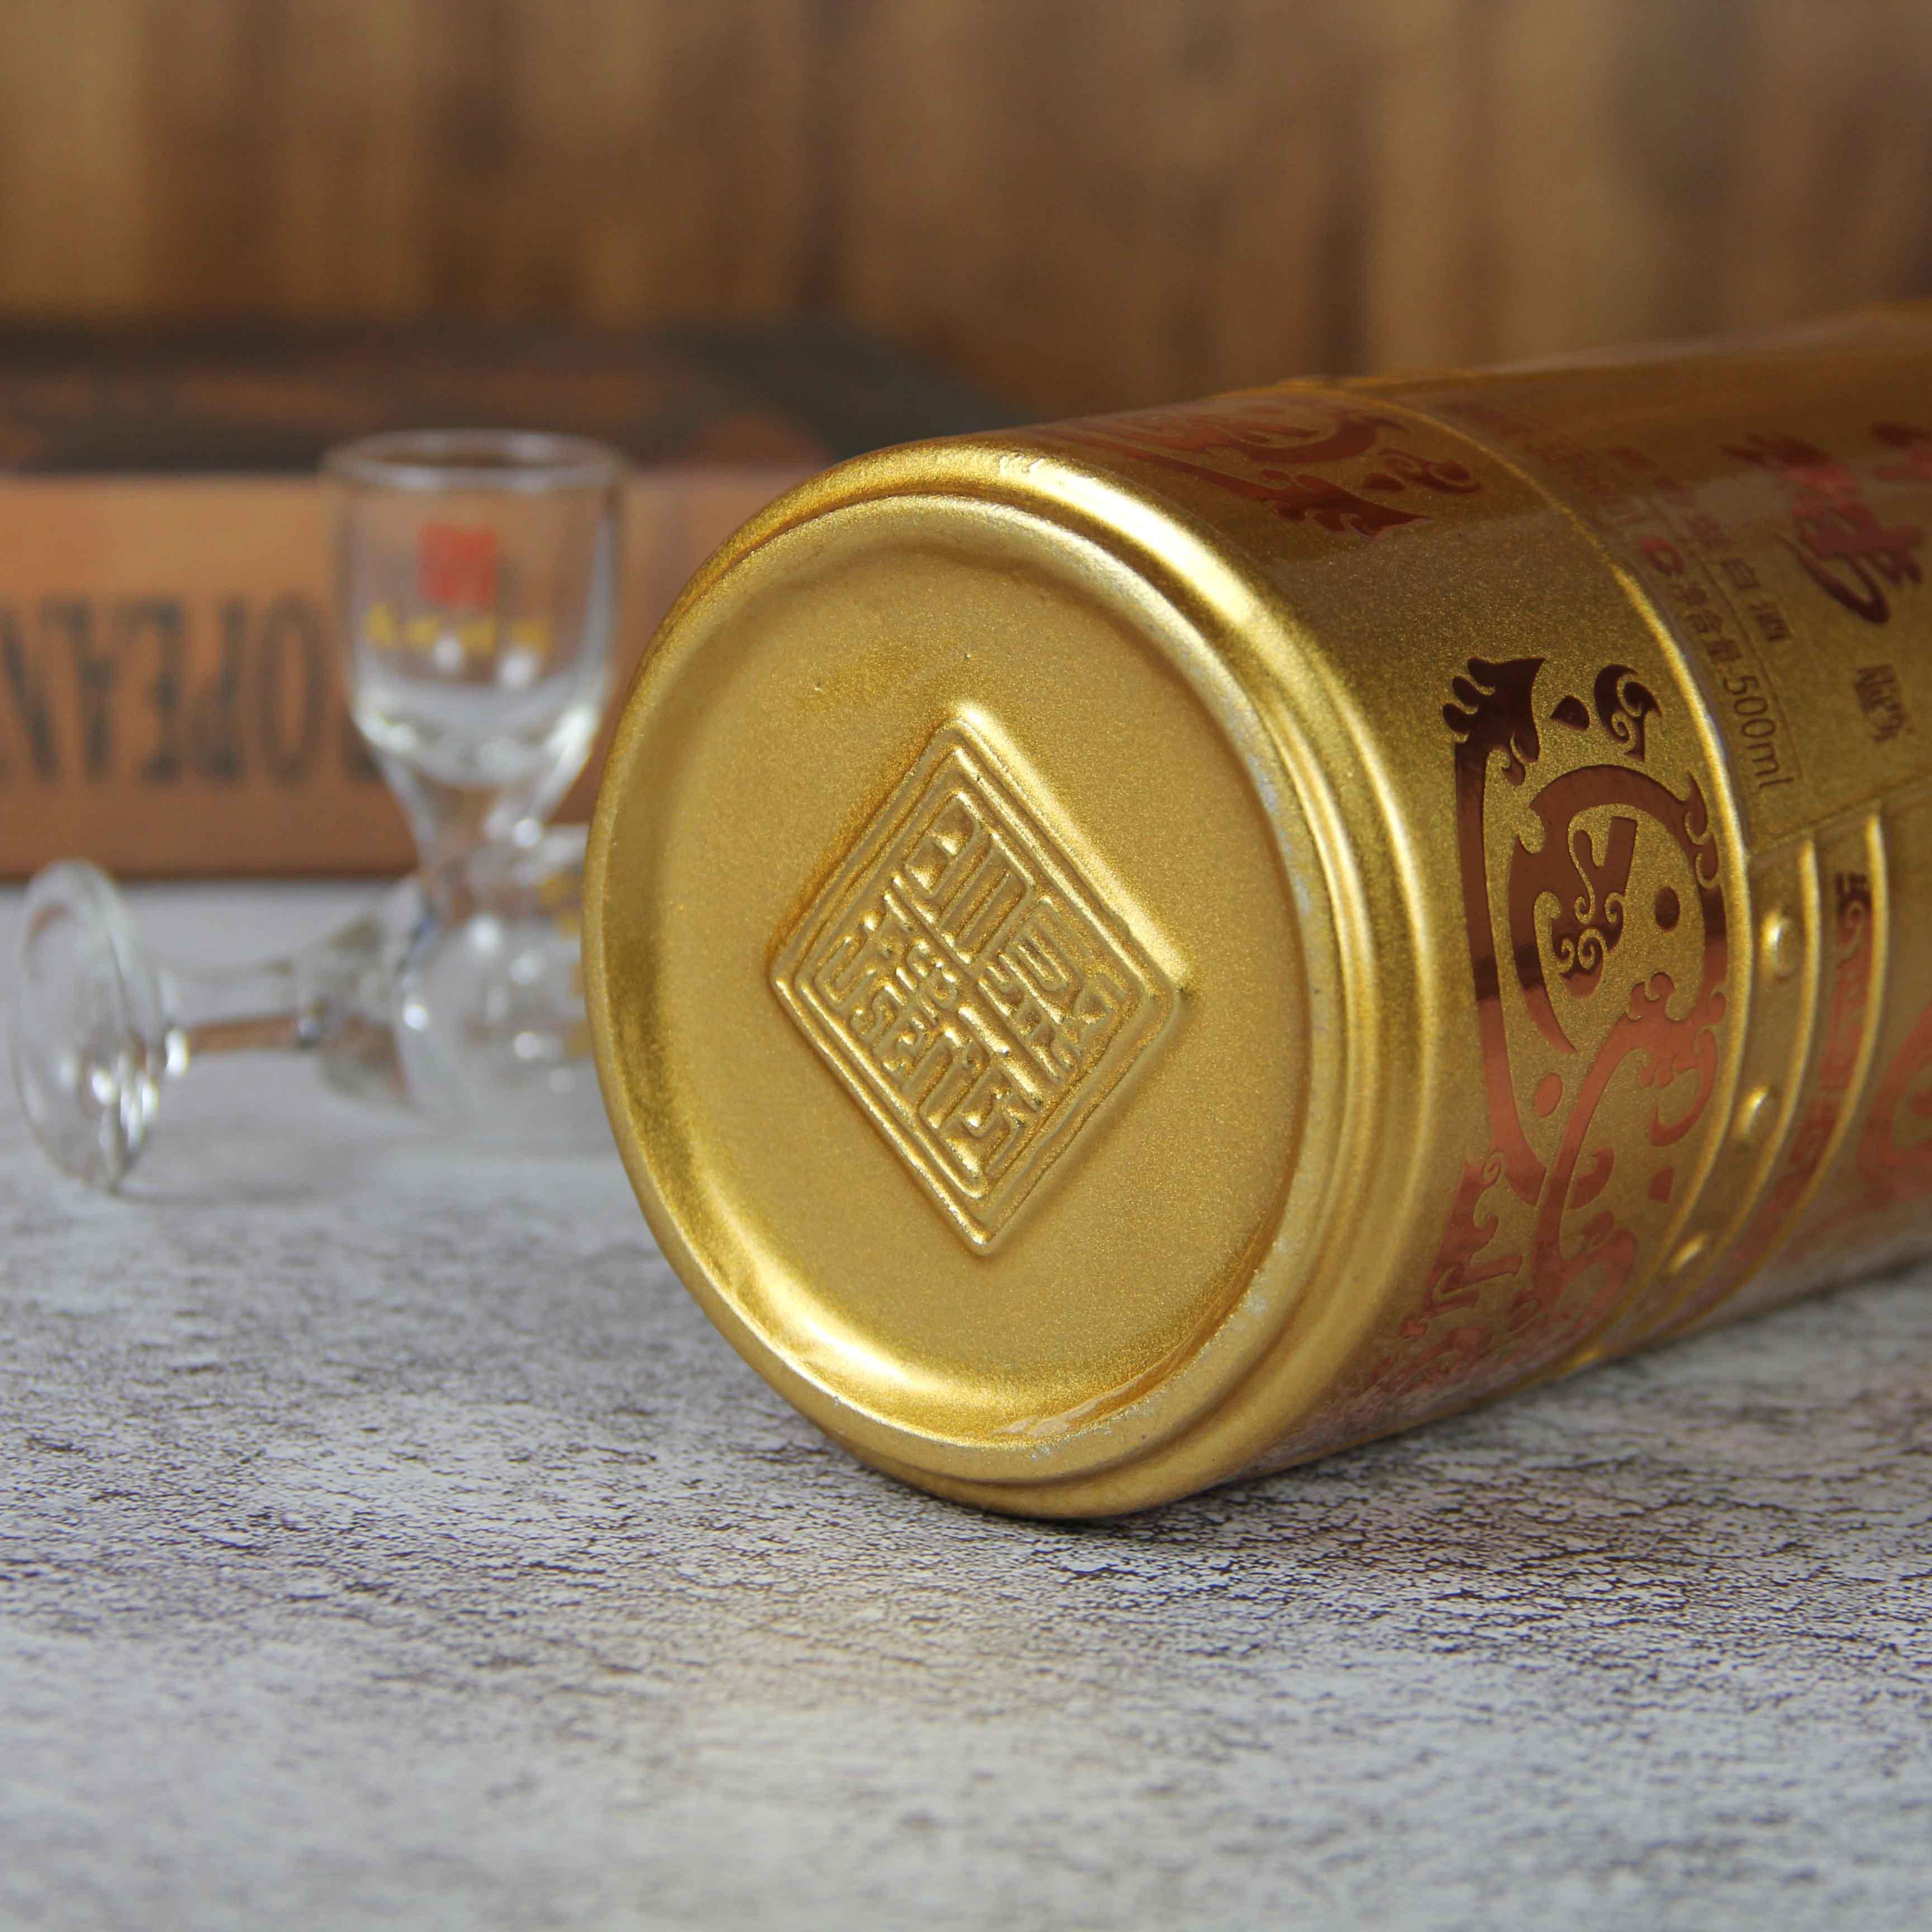 中国贵州茅台镇盛世金珠酱香型白酒